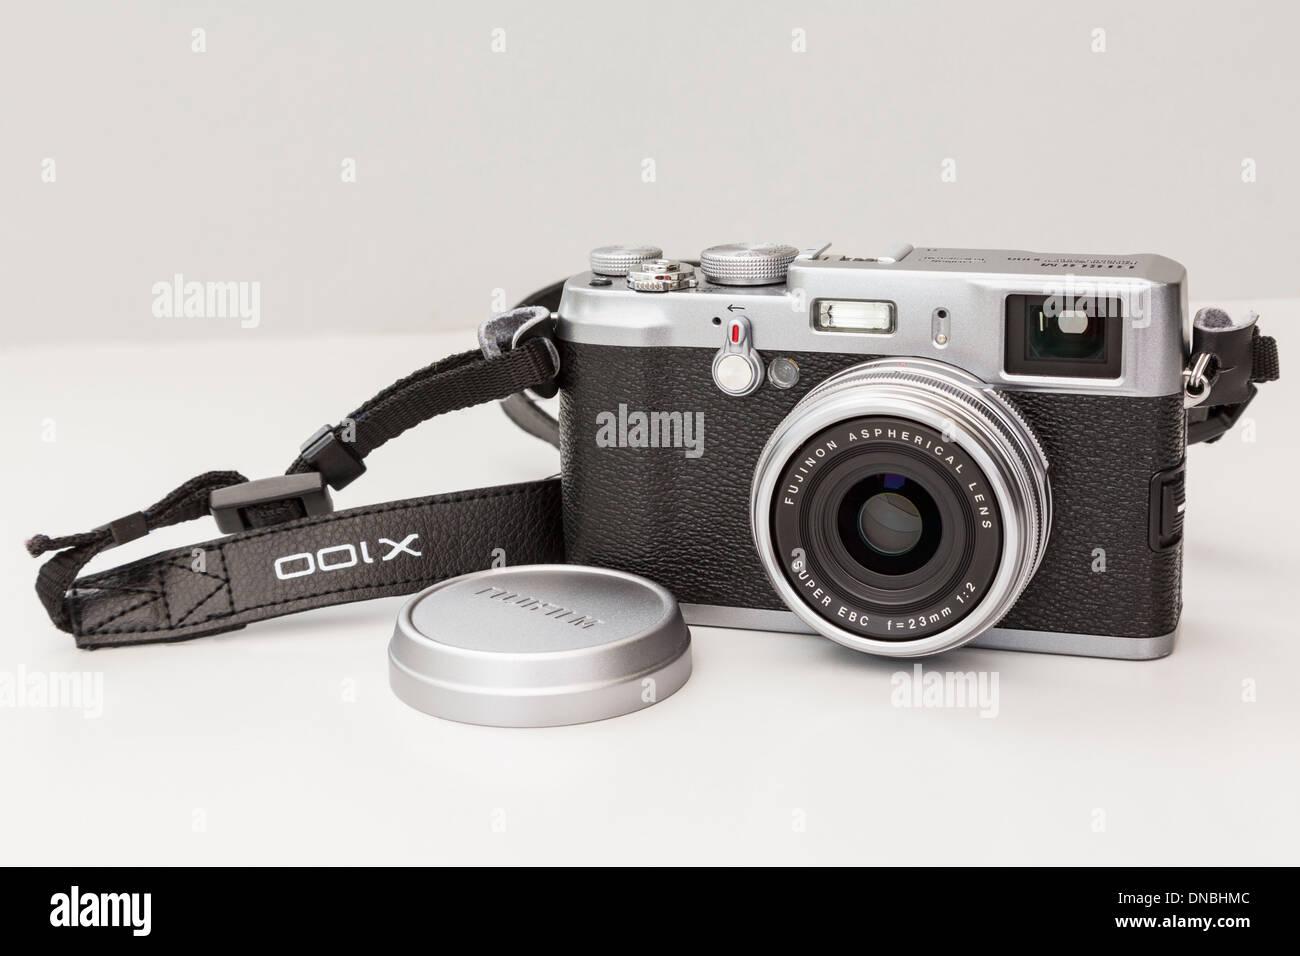 Fujifilm X100 traditionellen Stil Retro-digitale Kompaktkamera mit einem Objektiv mit Festbrennweite. Stockbild